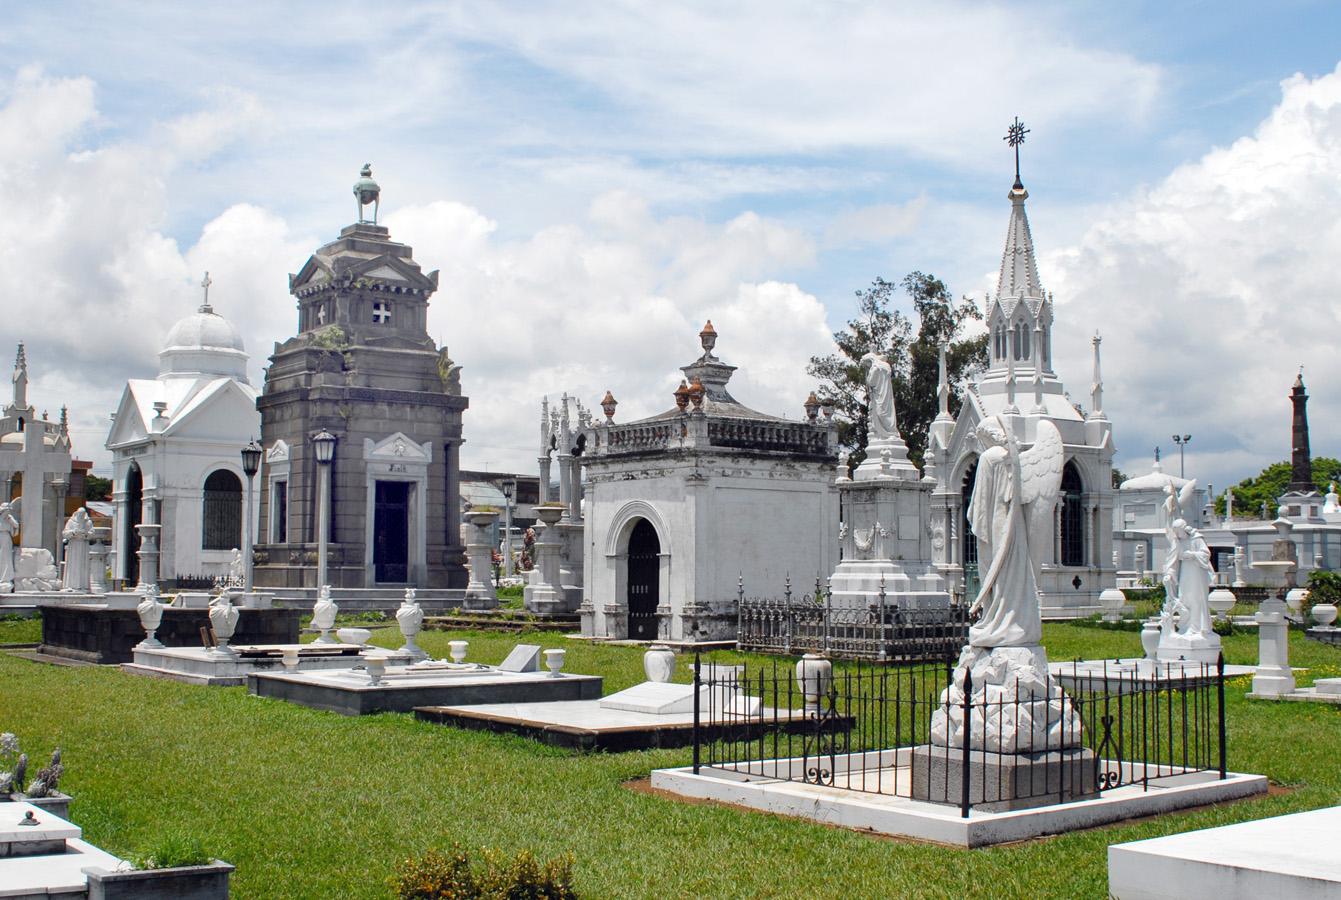 La media a pagar en España por un entierro es de unos 3.700 euros.